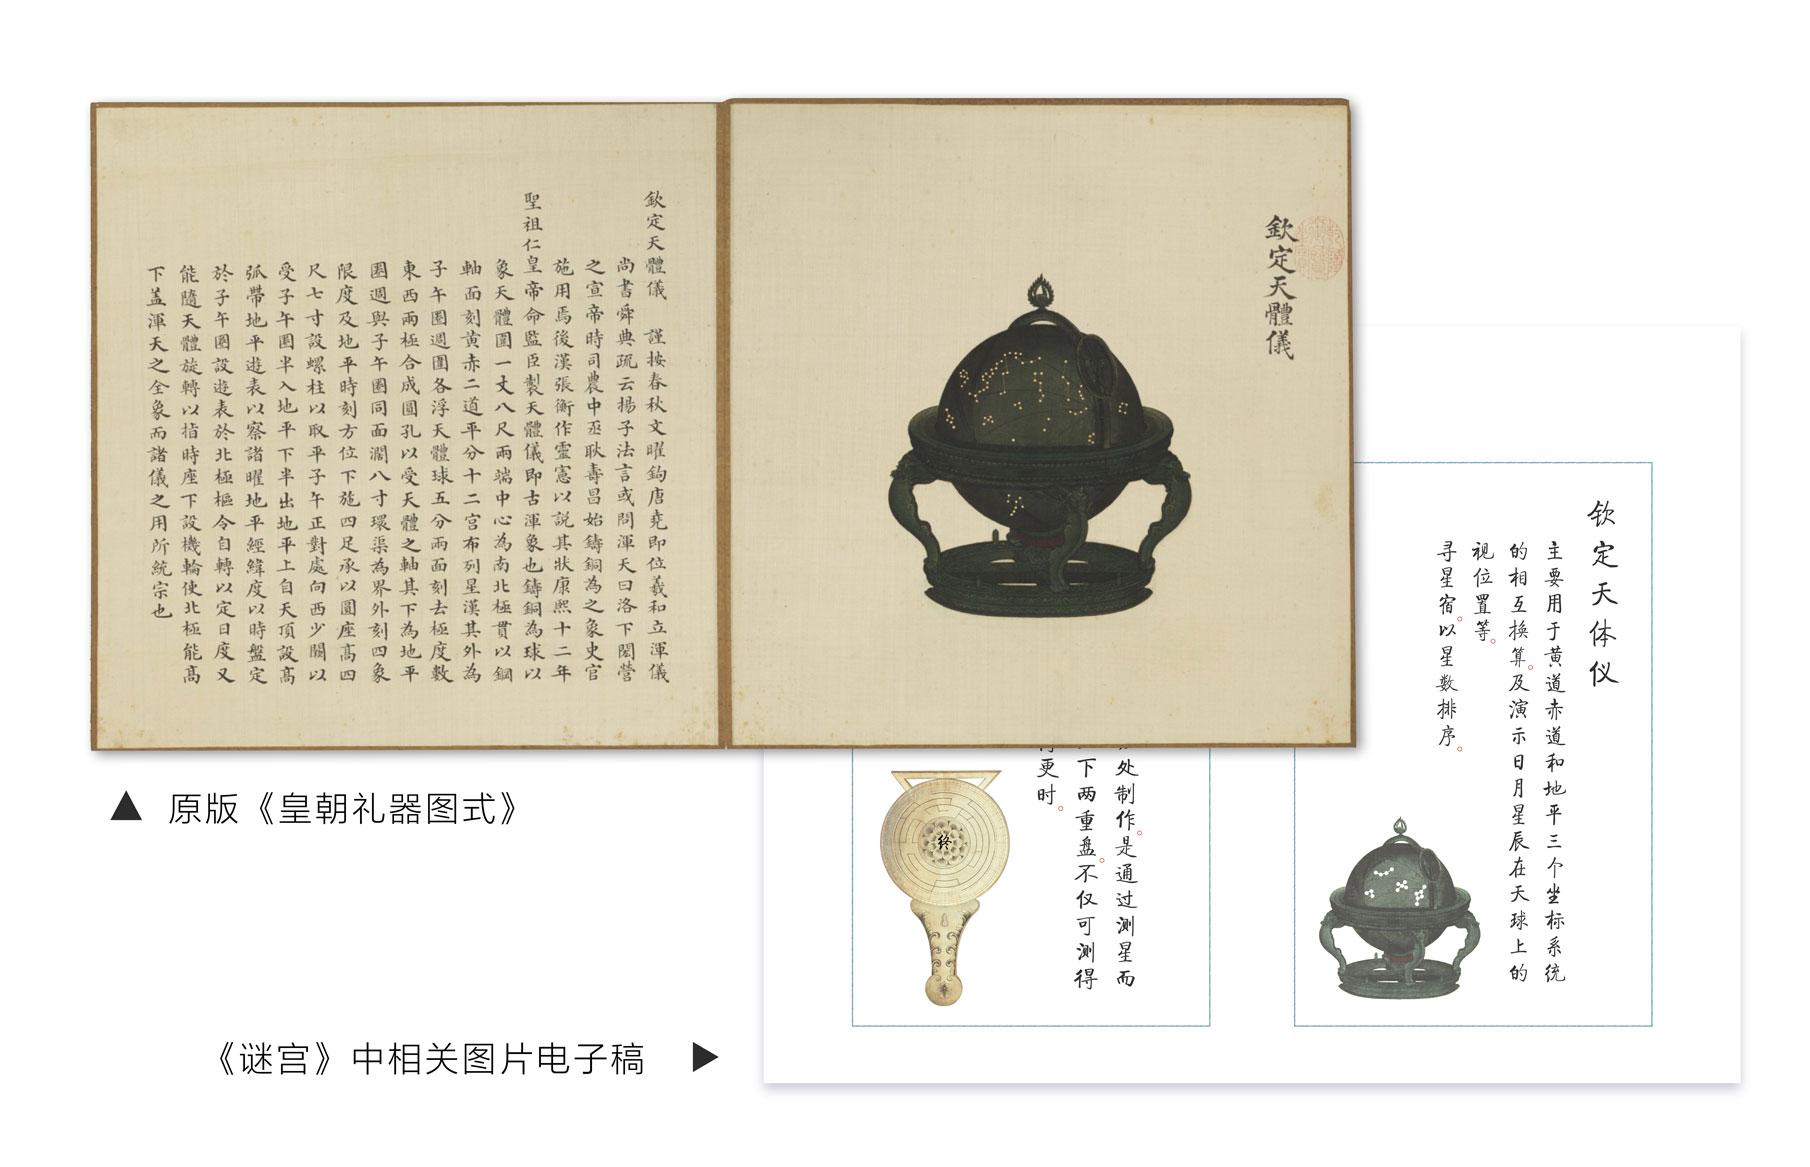 皇朝礼器图式2.jpg